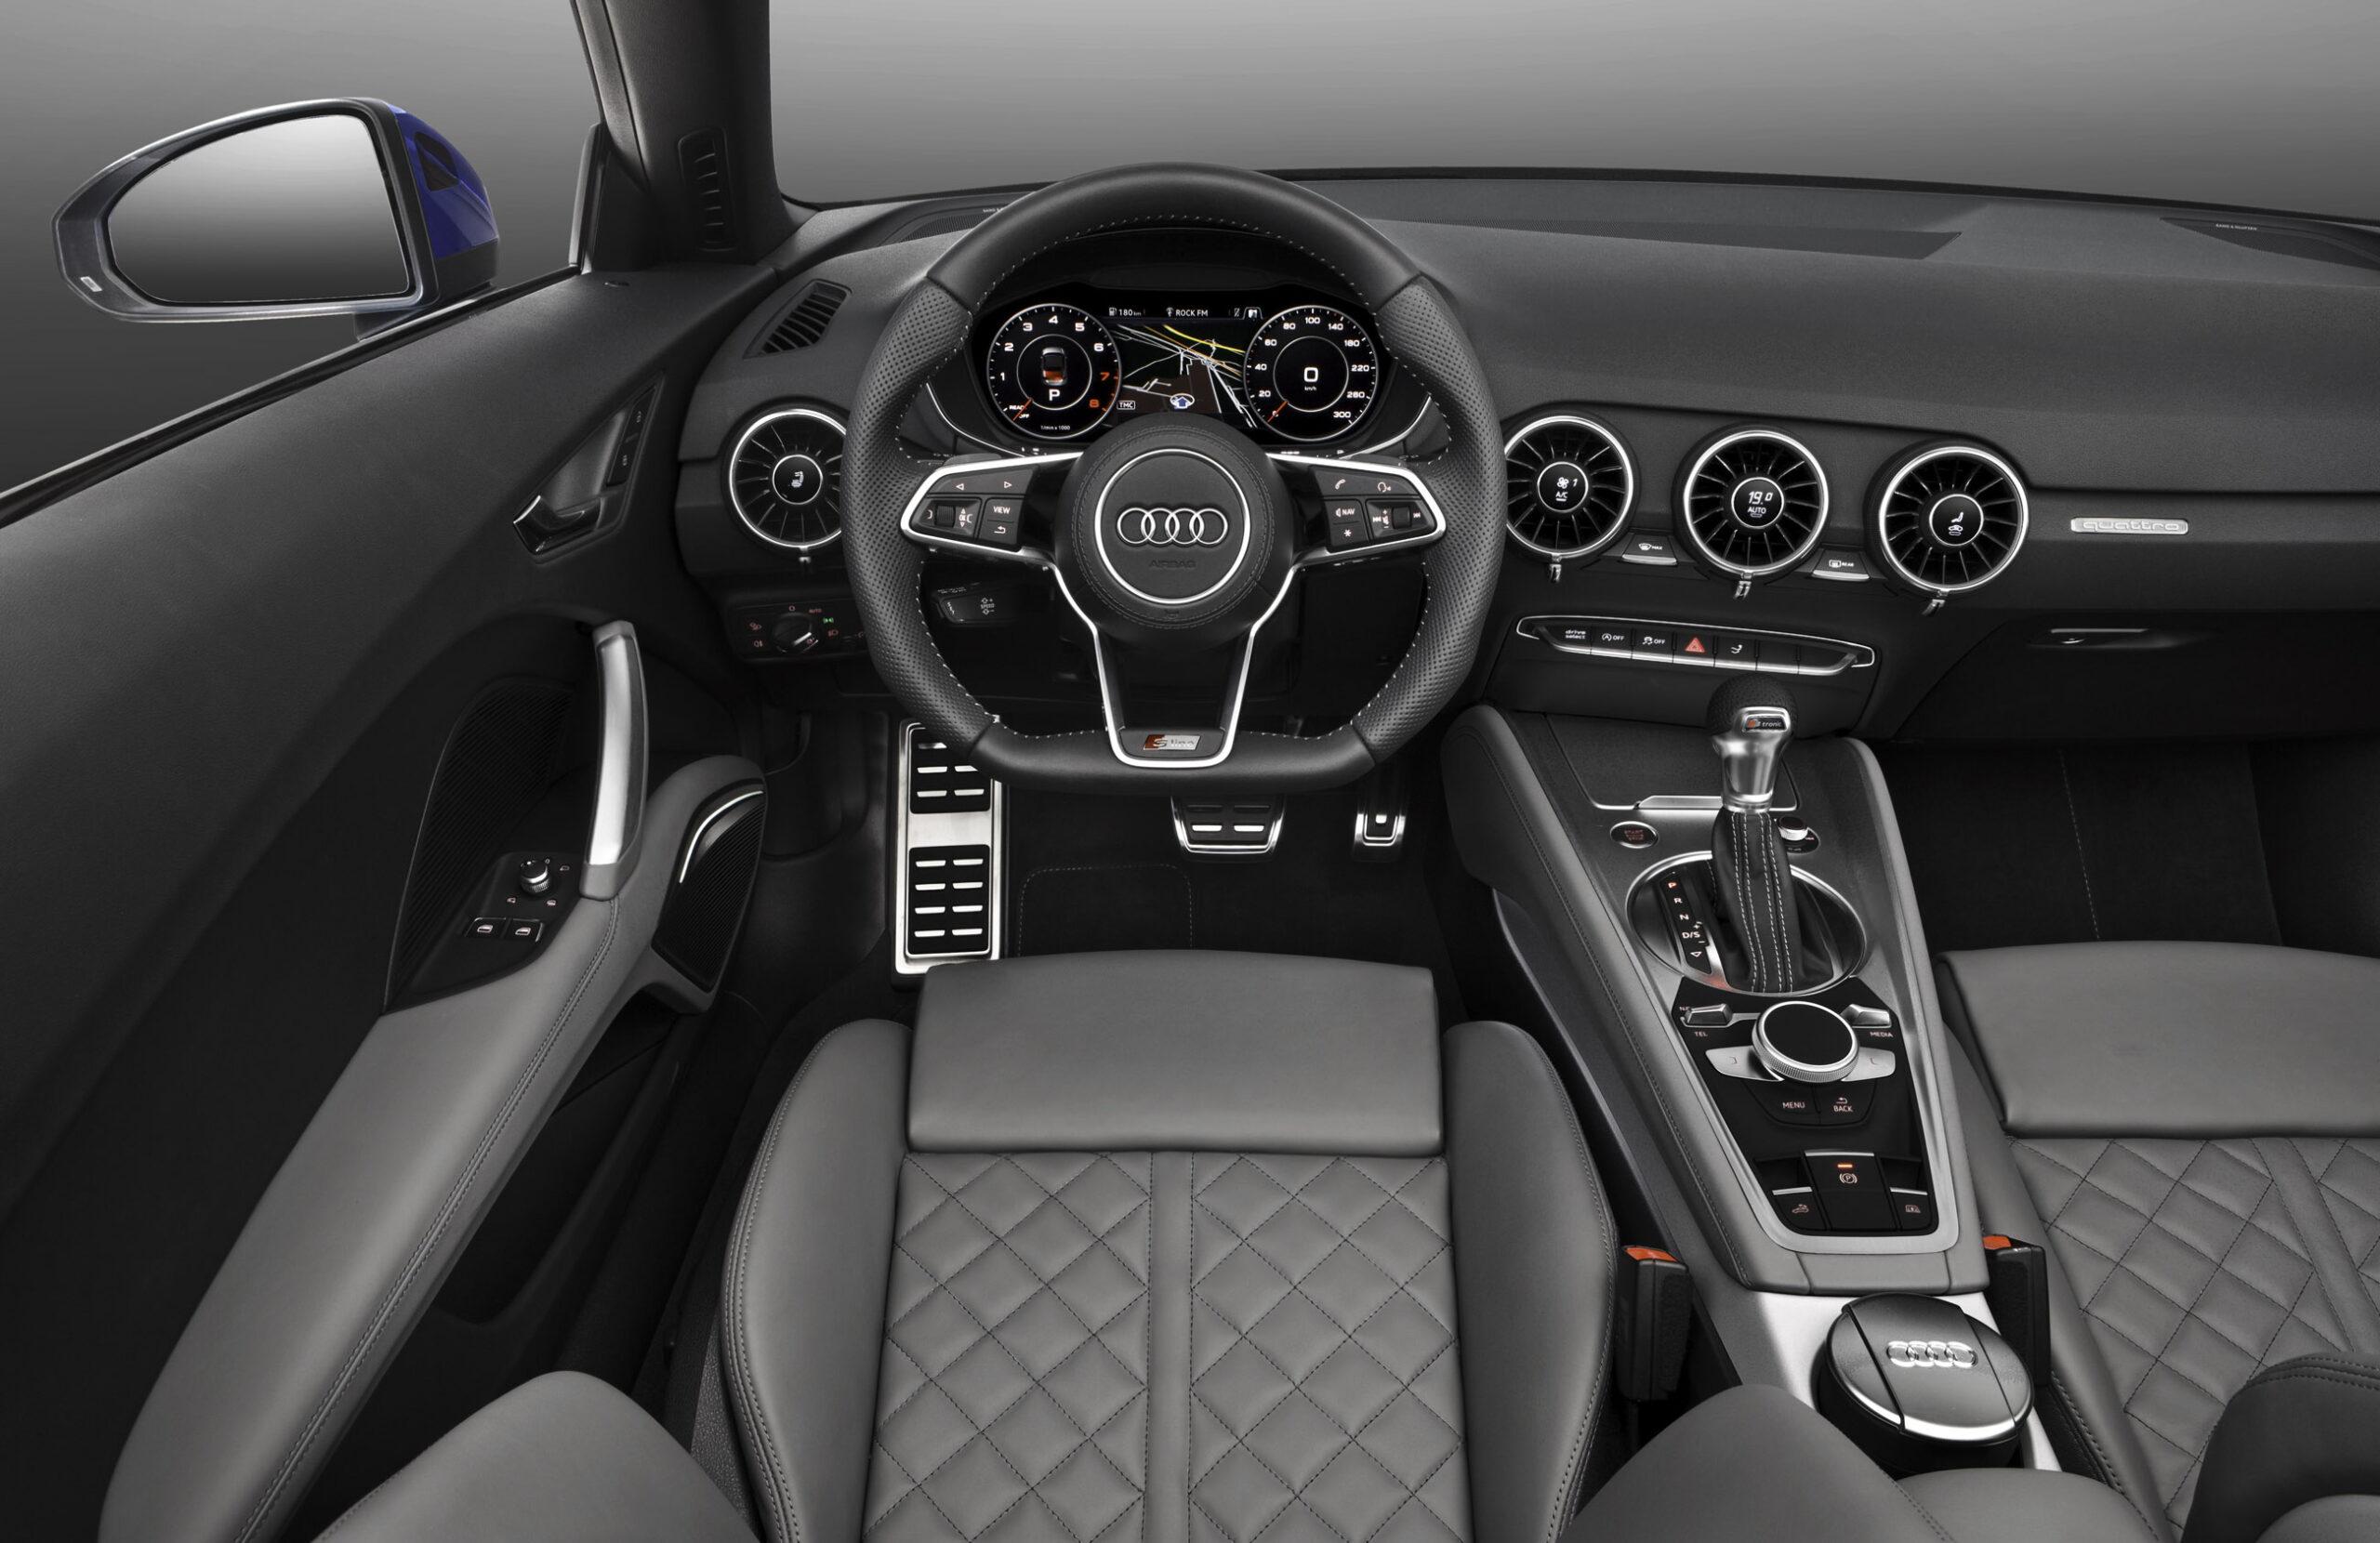 Audi tt interior 2014_1-1